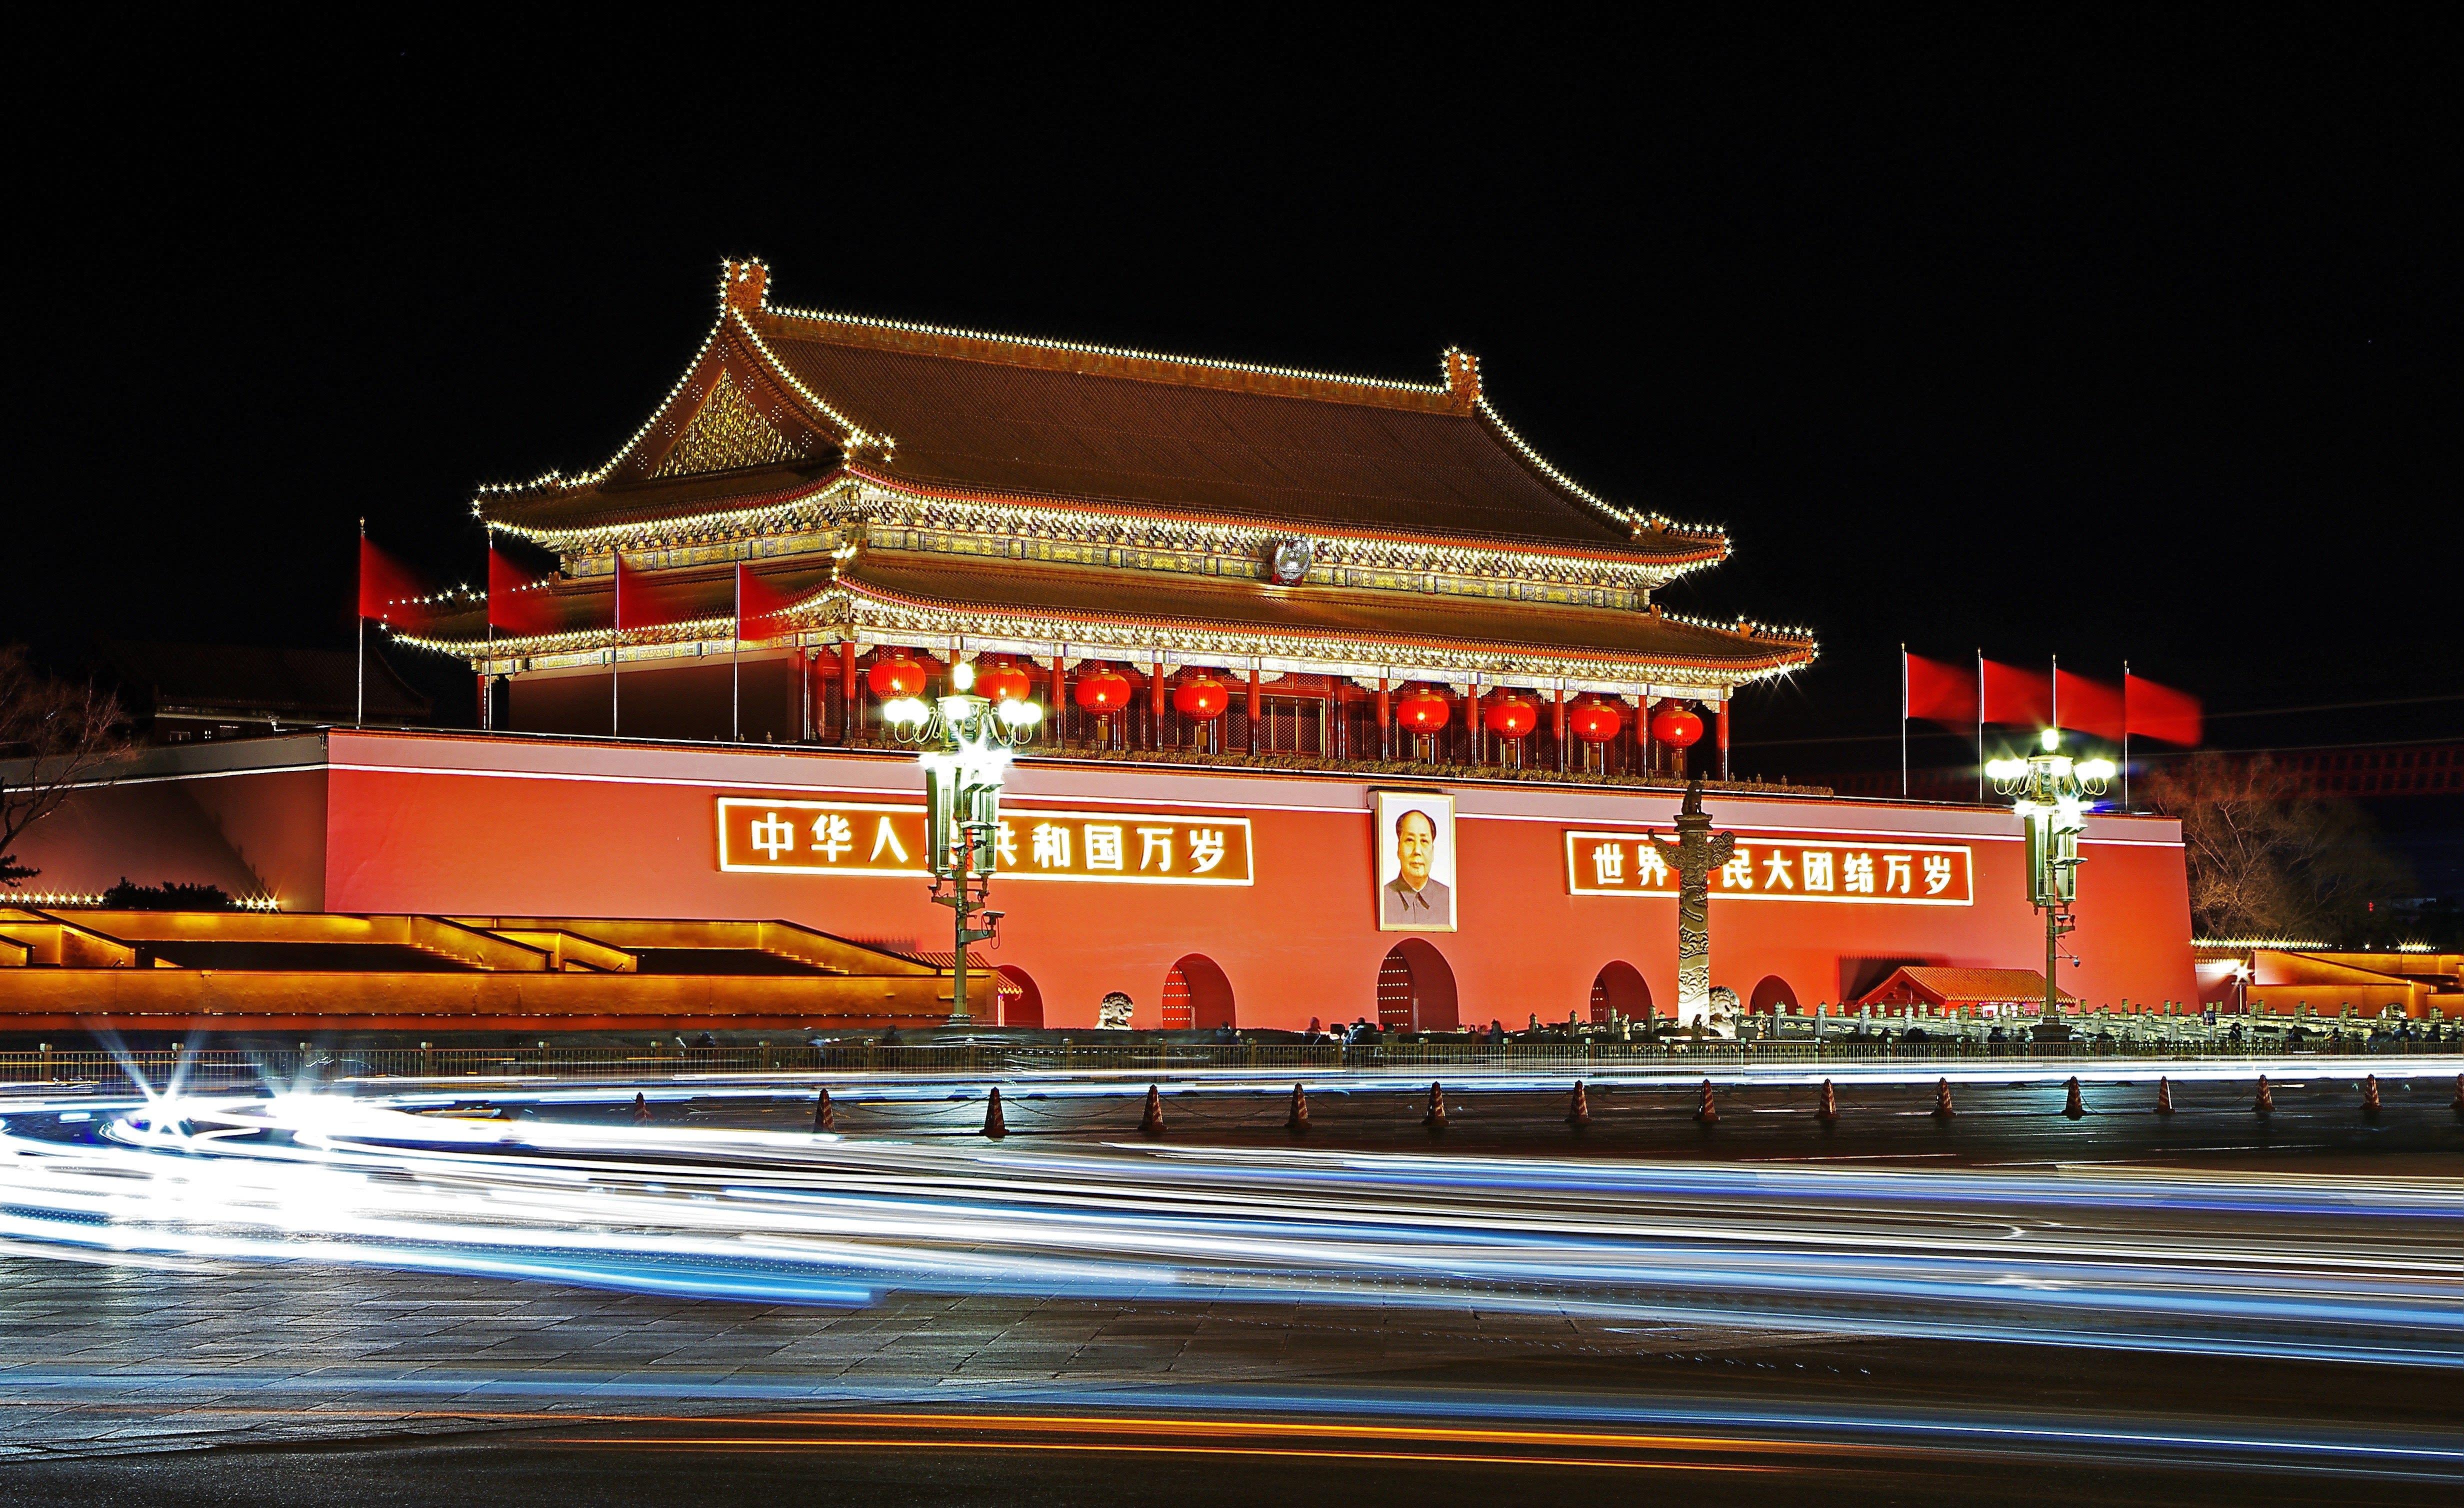 Tempio cinese illuminato di notte